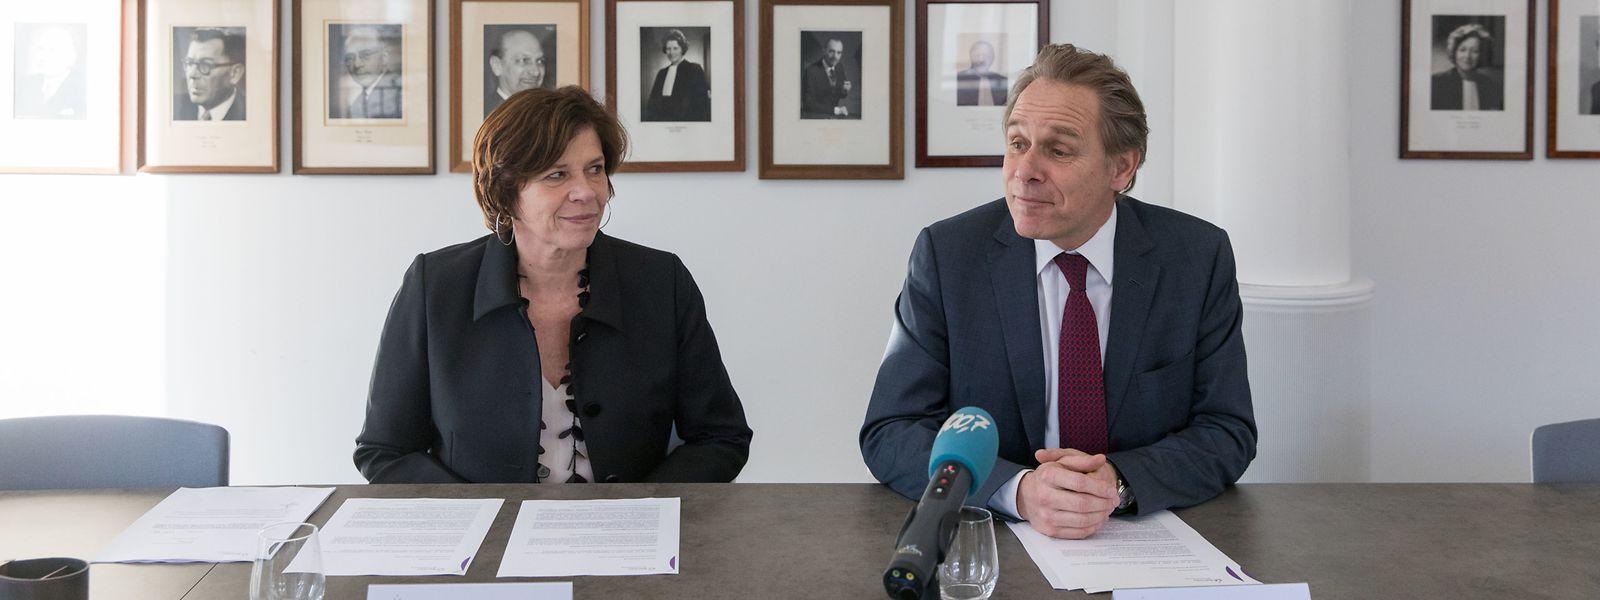 Sehen die Vorbereitung eines Angriffs auf ihren Berufsstand: Valérie Dupong, Vice-Bâtonnière, und François Prum, Bâtonnier sortant, bestehen auf den Schutz der Anonymität ihrer Klienten.